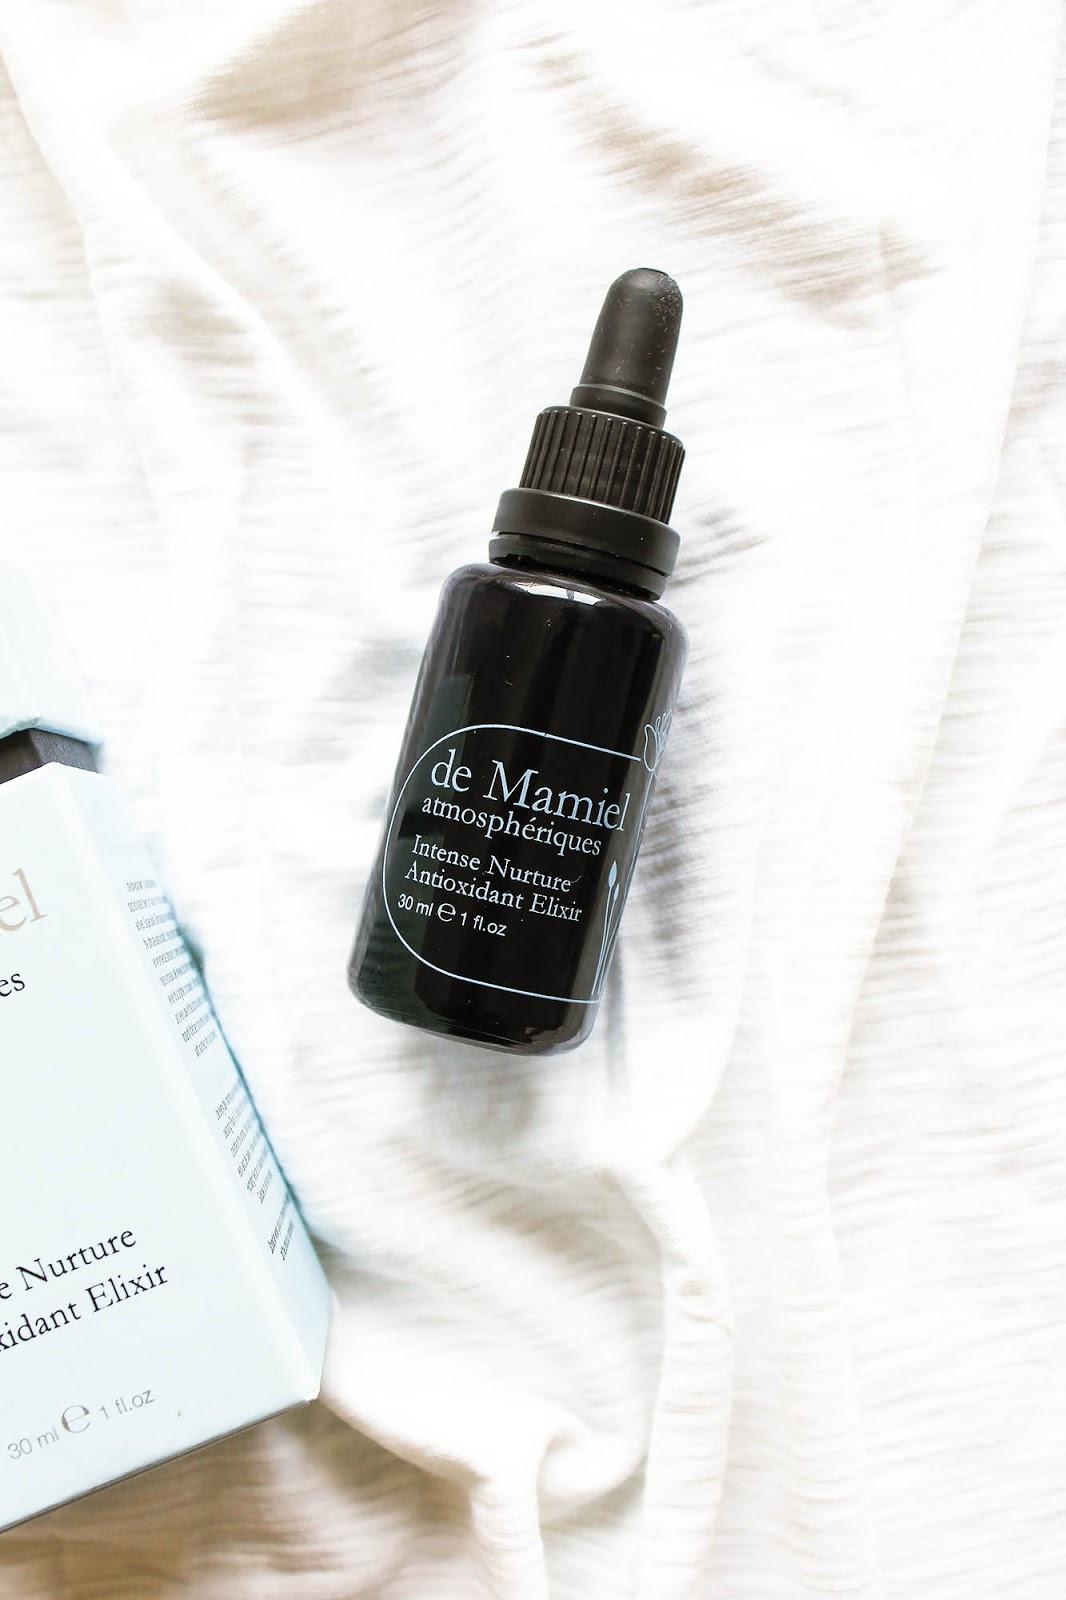 de Mamiel Intense Nurture Antioxidant Elixir Beauty Heroes 2018